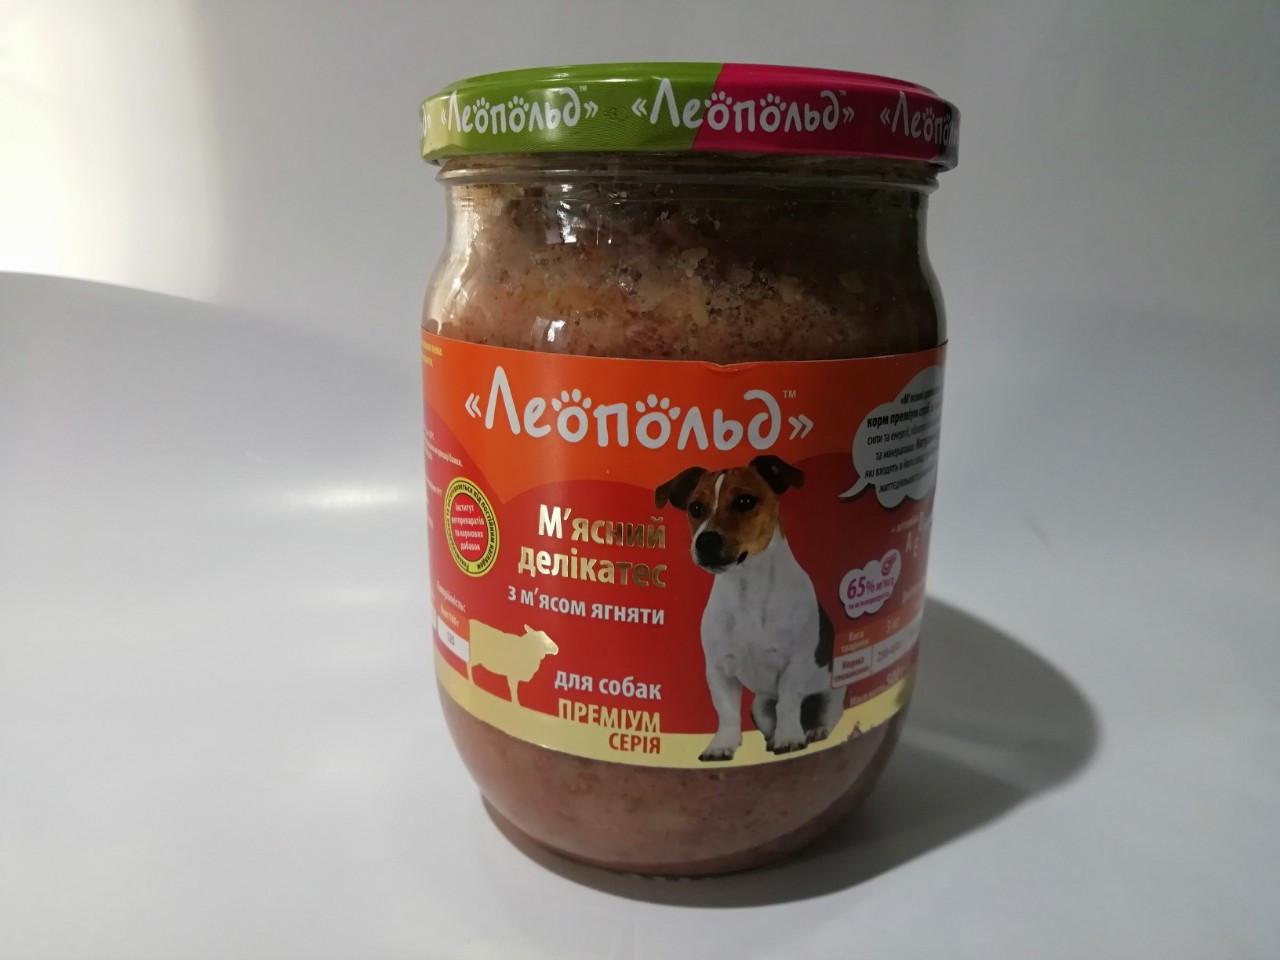 Вологий корм Леопольд М'ясний делікатес для собак з м'ясом ягняти 500 г